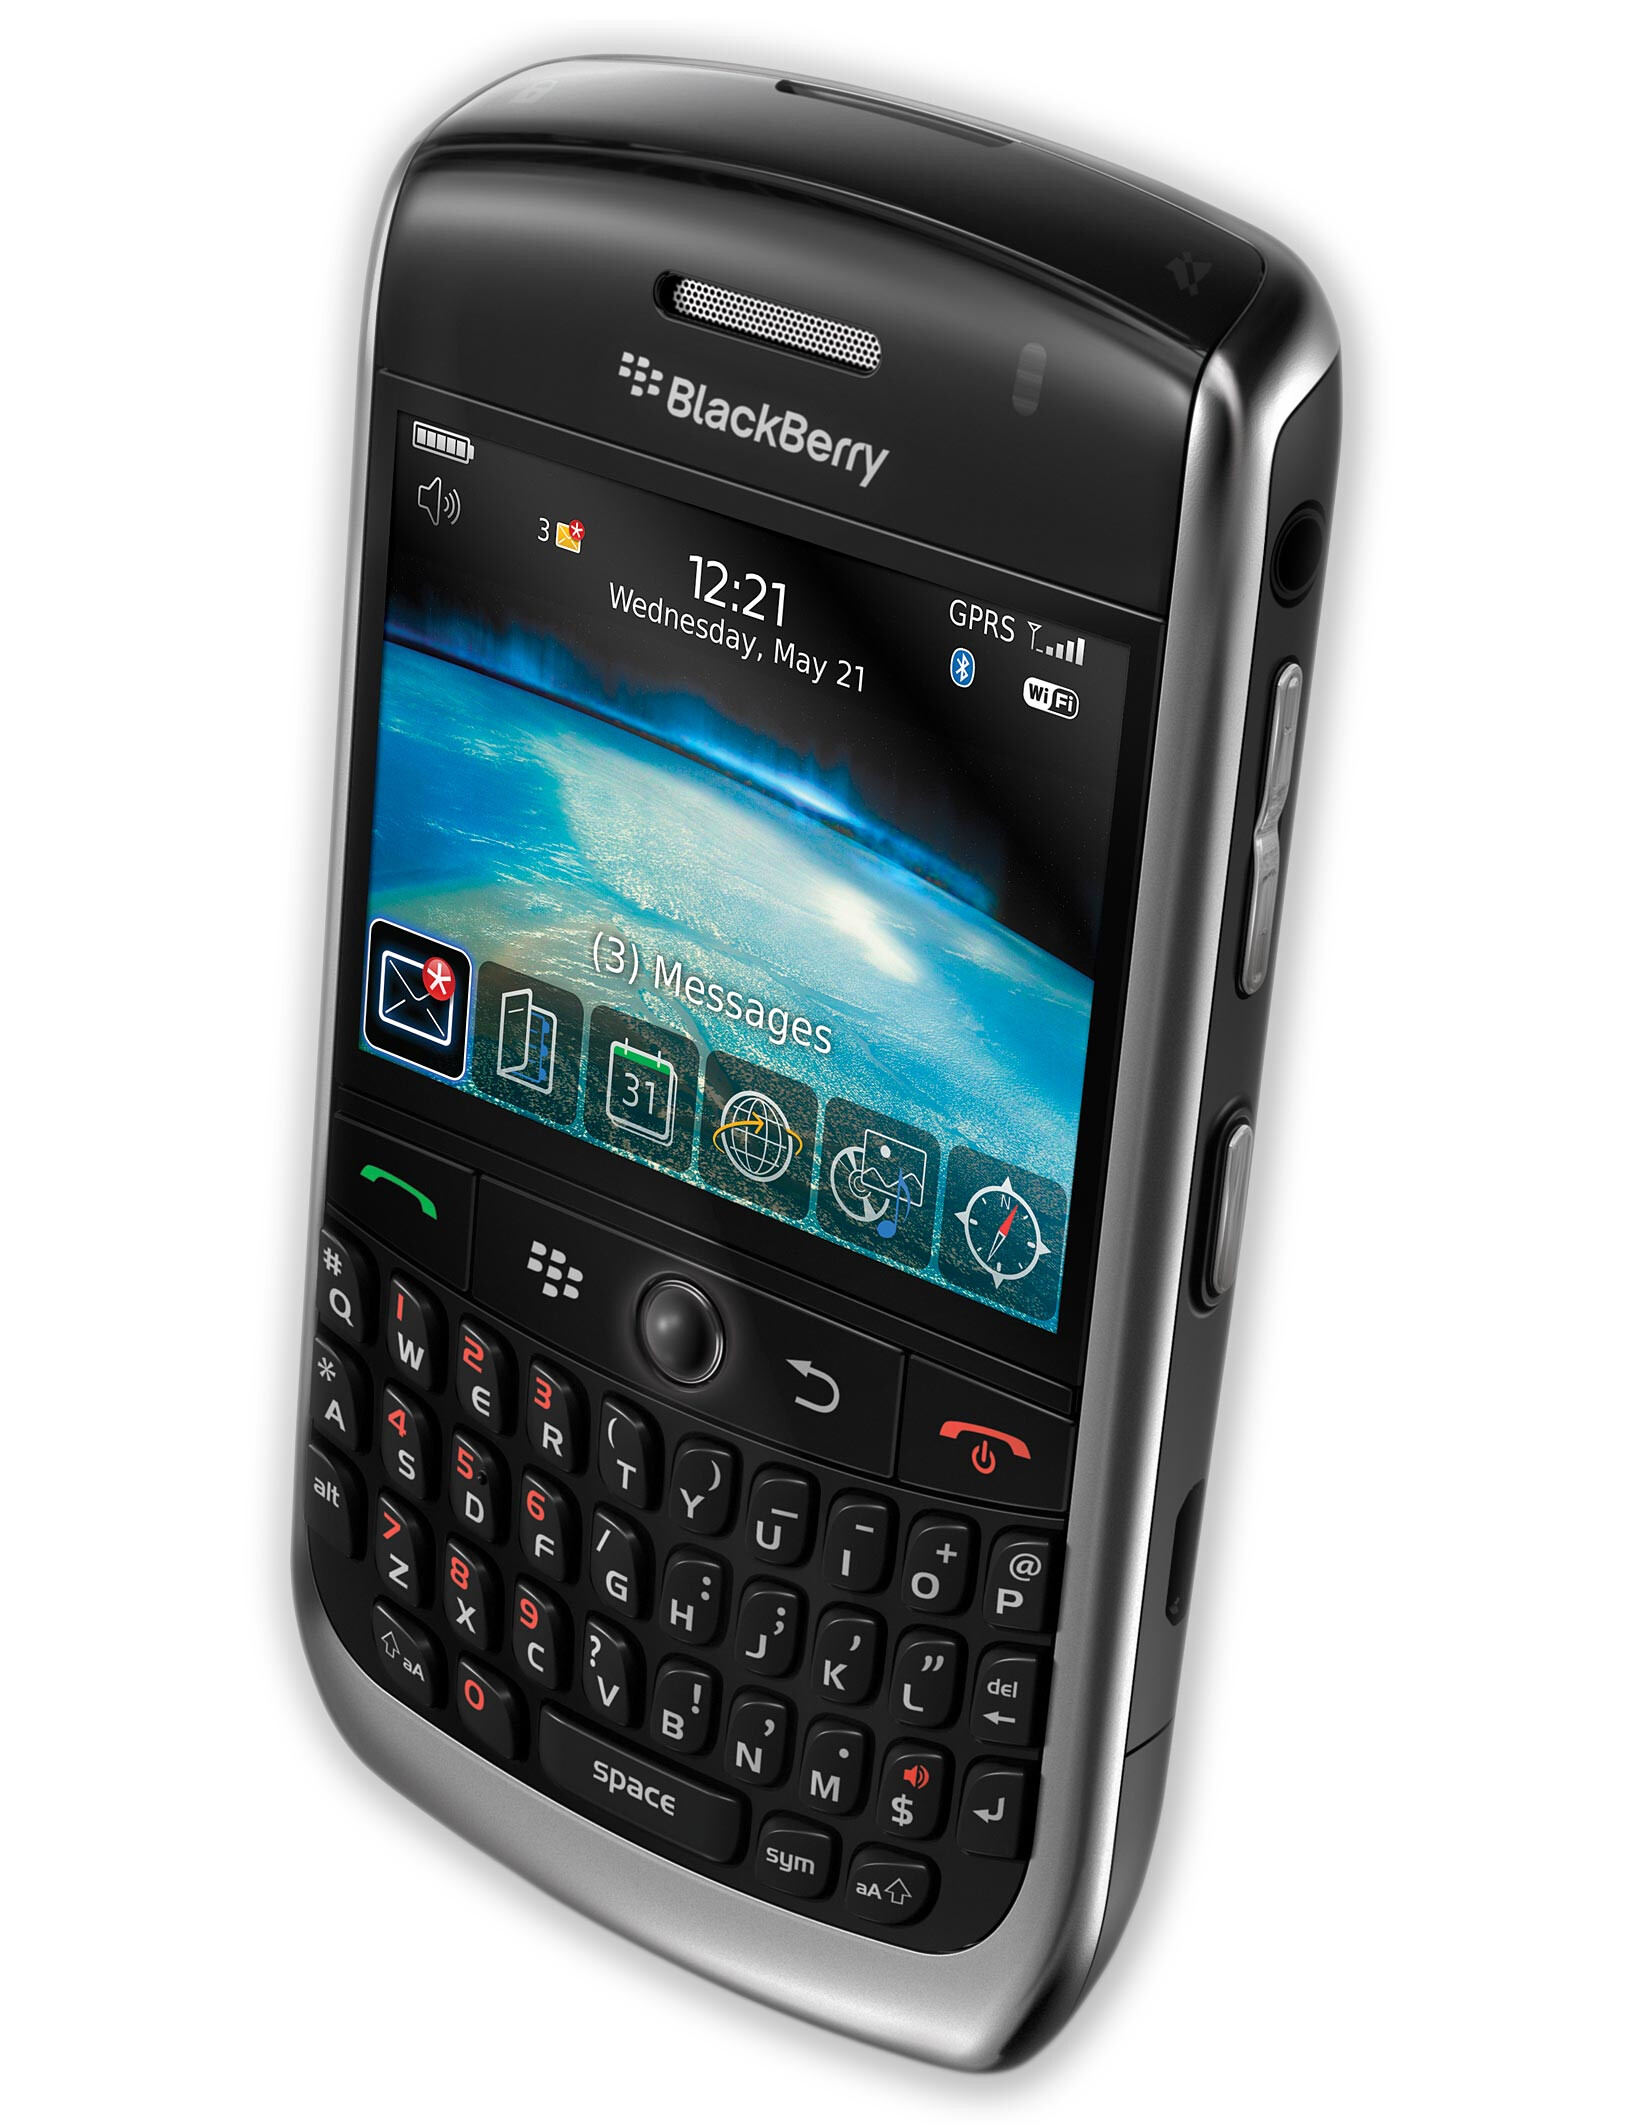 BlackBerry Curve 8900 specs